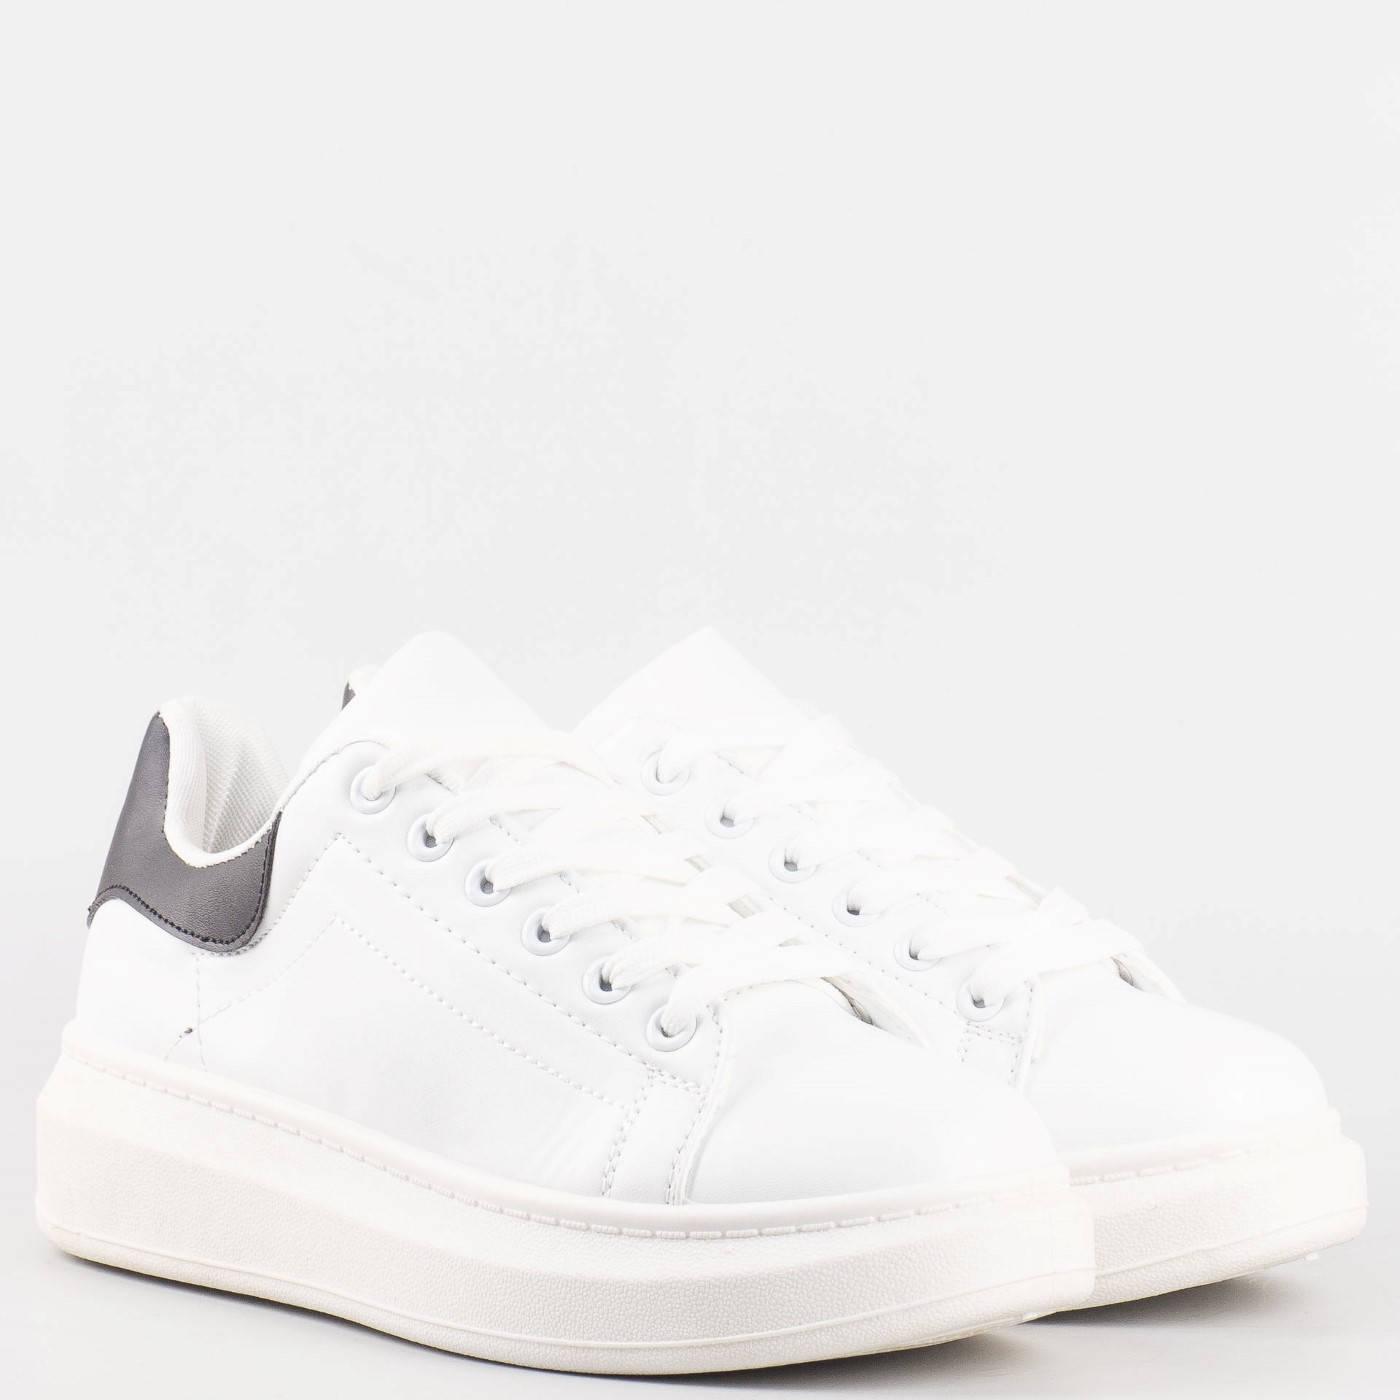 d02725cbc0d Дамски спортни обувки с връзки на български производител в бял цвят 35-40b  - Sisi-bg.com